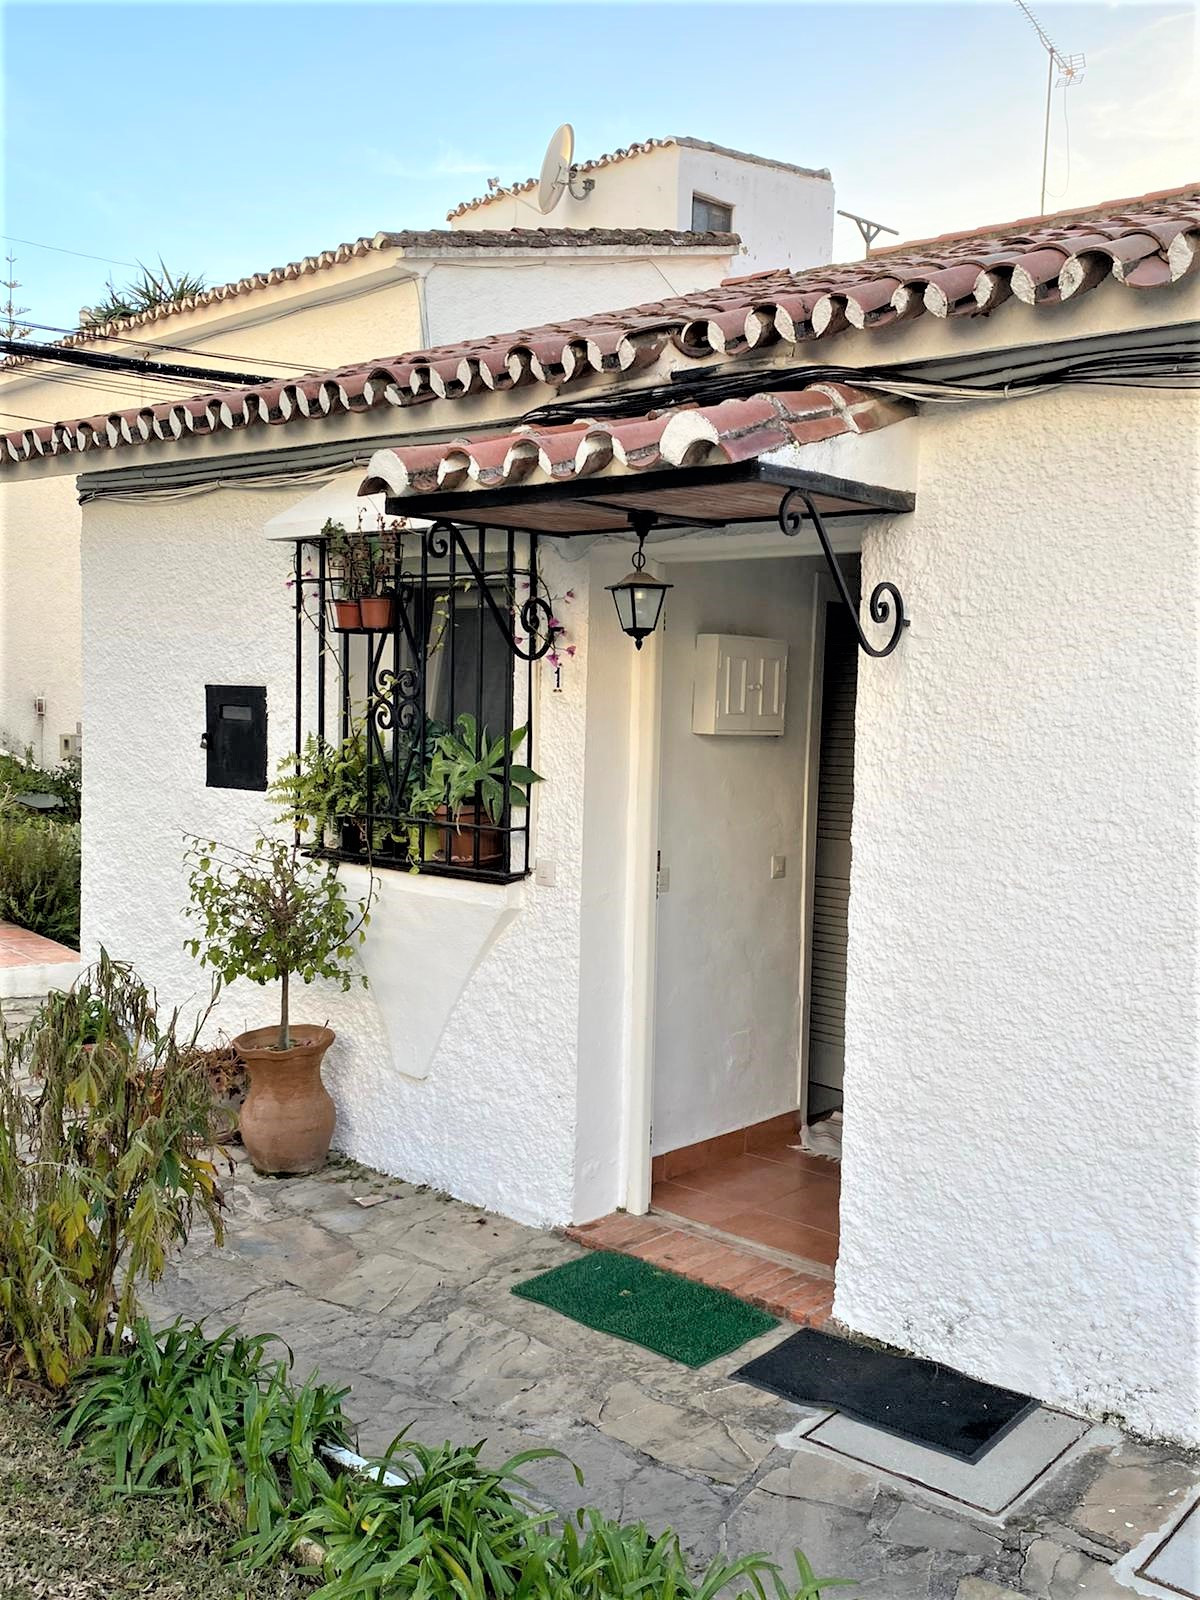 Casa - Marbella - R3837712 - mibgroup.es